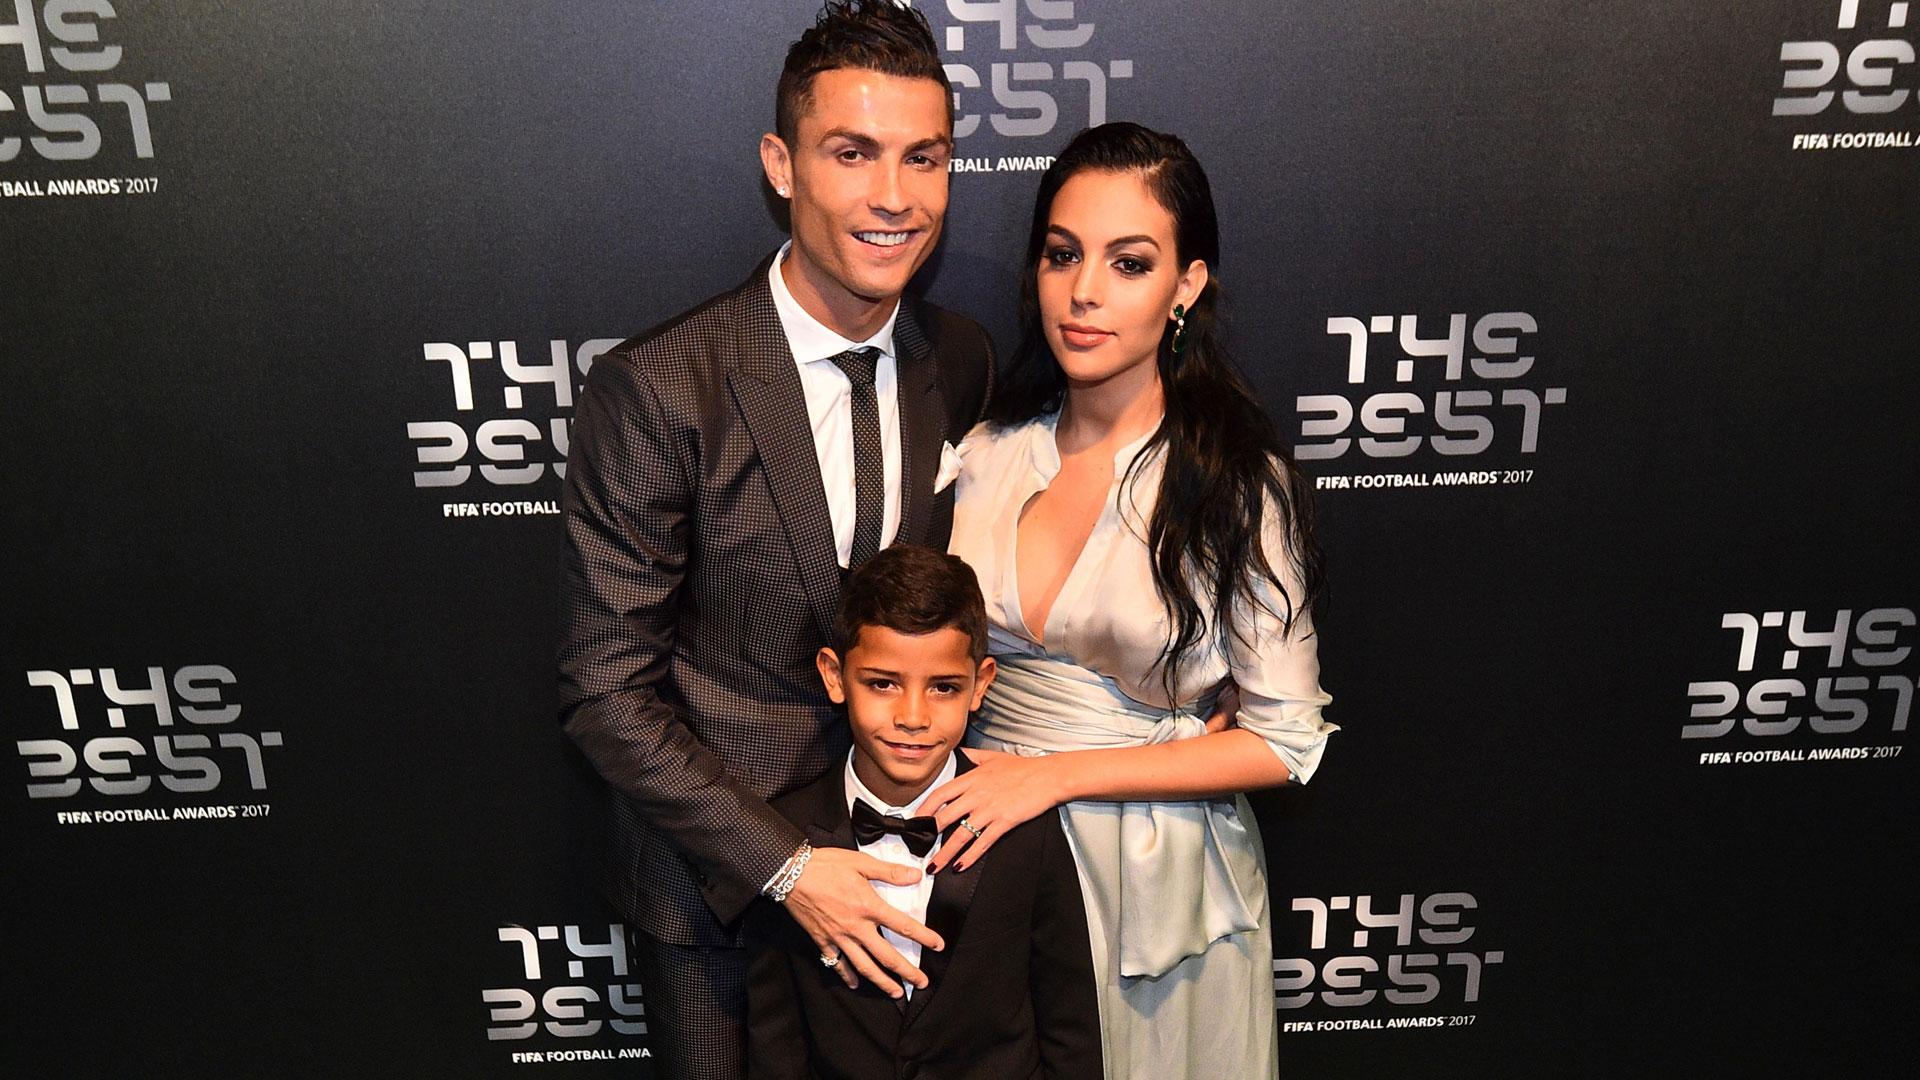 Ronaldo verrät den Namen seiner ungeborenen Tochter